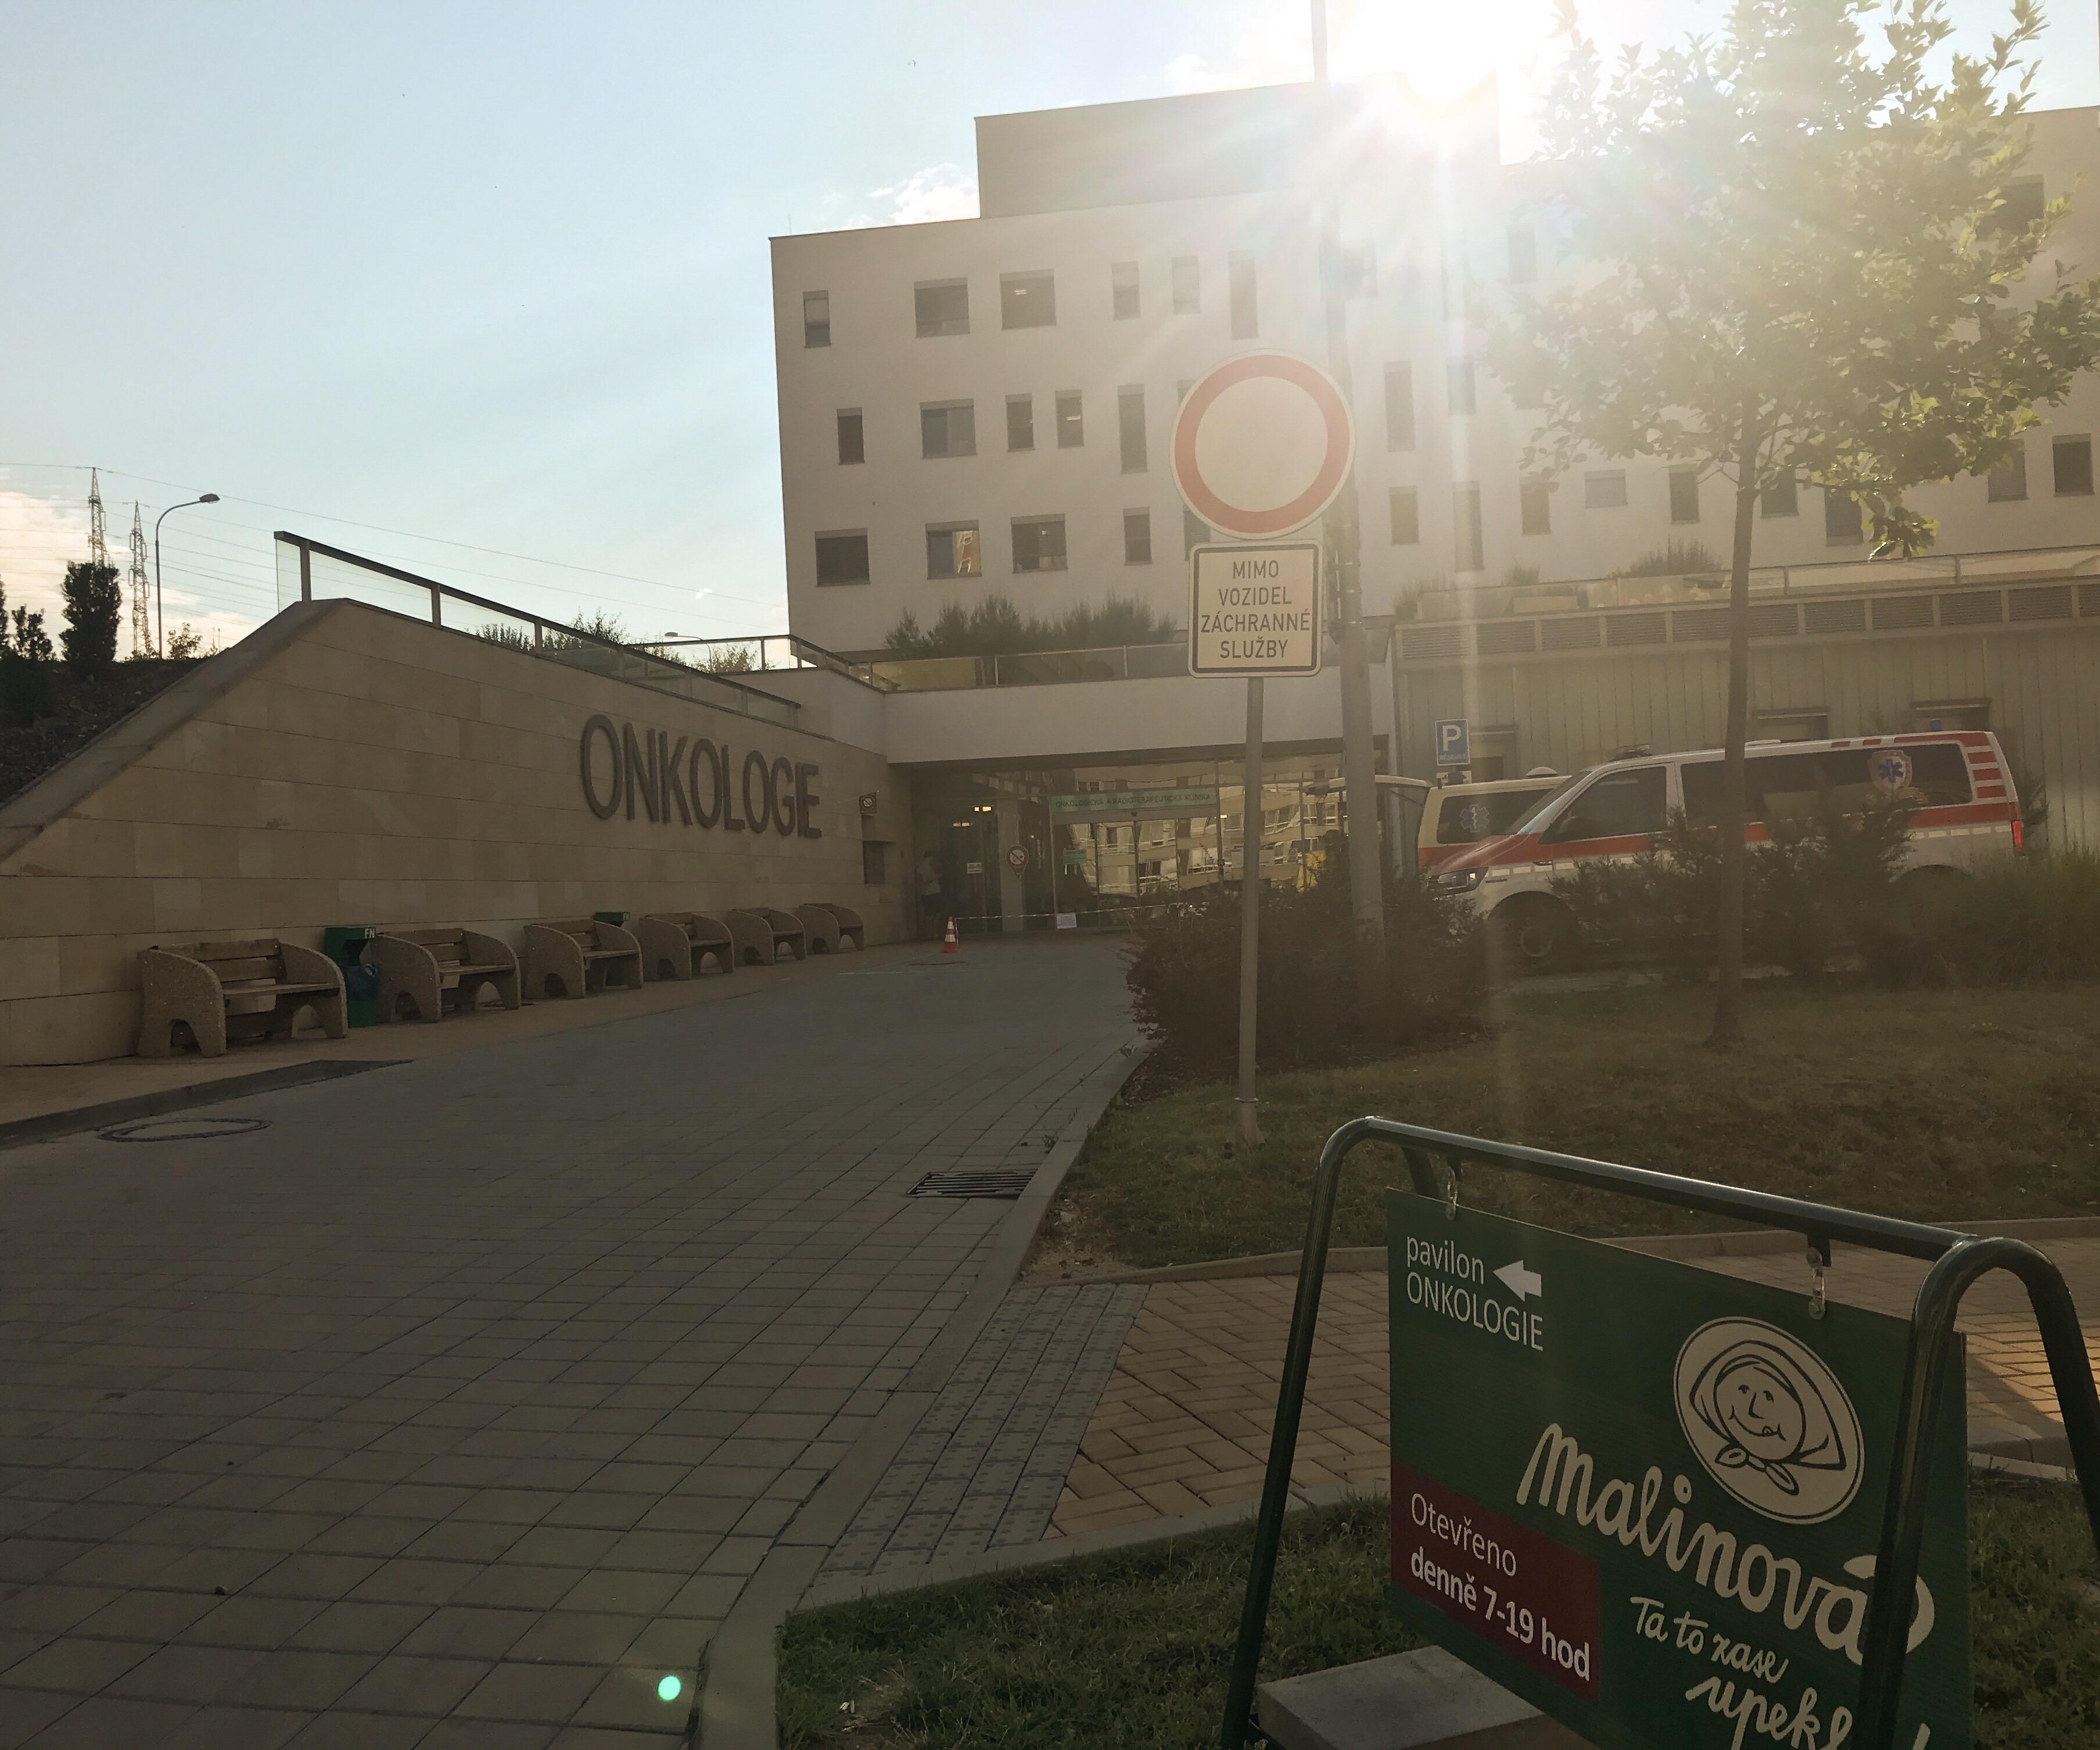 Plzeň - Fakultní nemocnice Lochotín, pavilon Onkologie